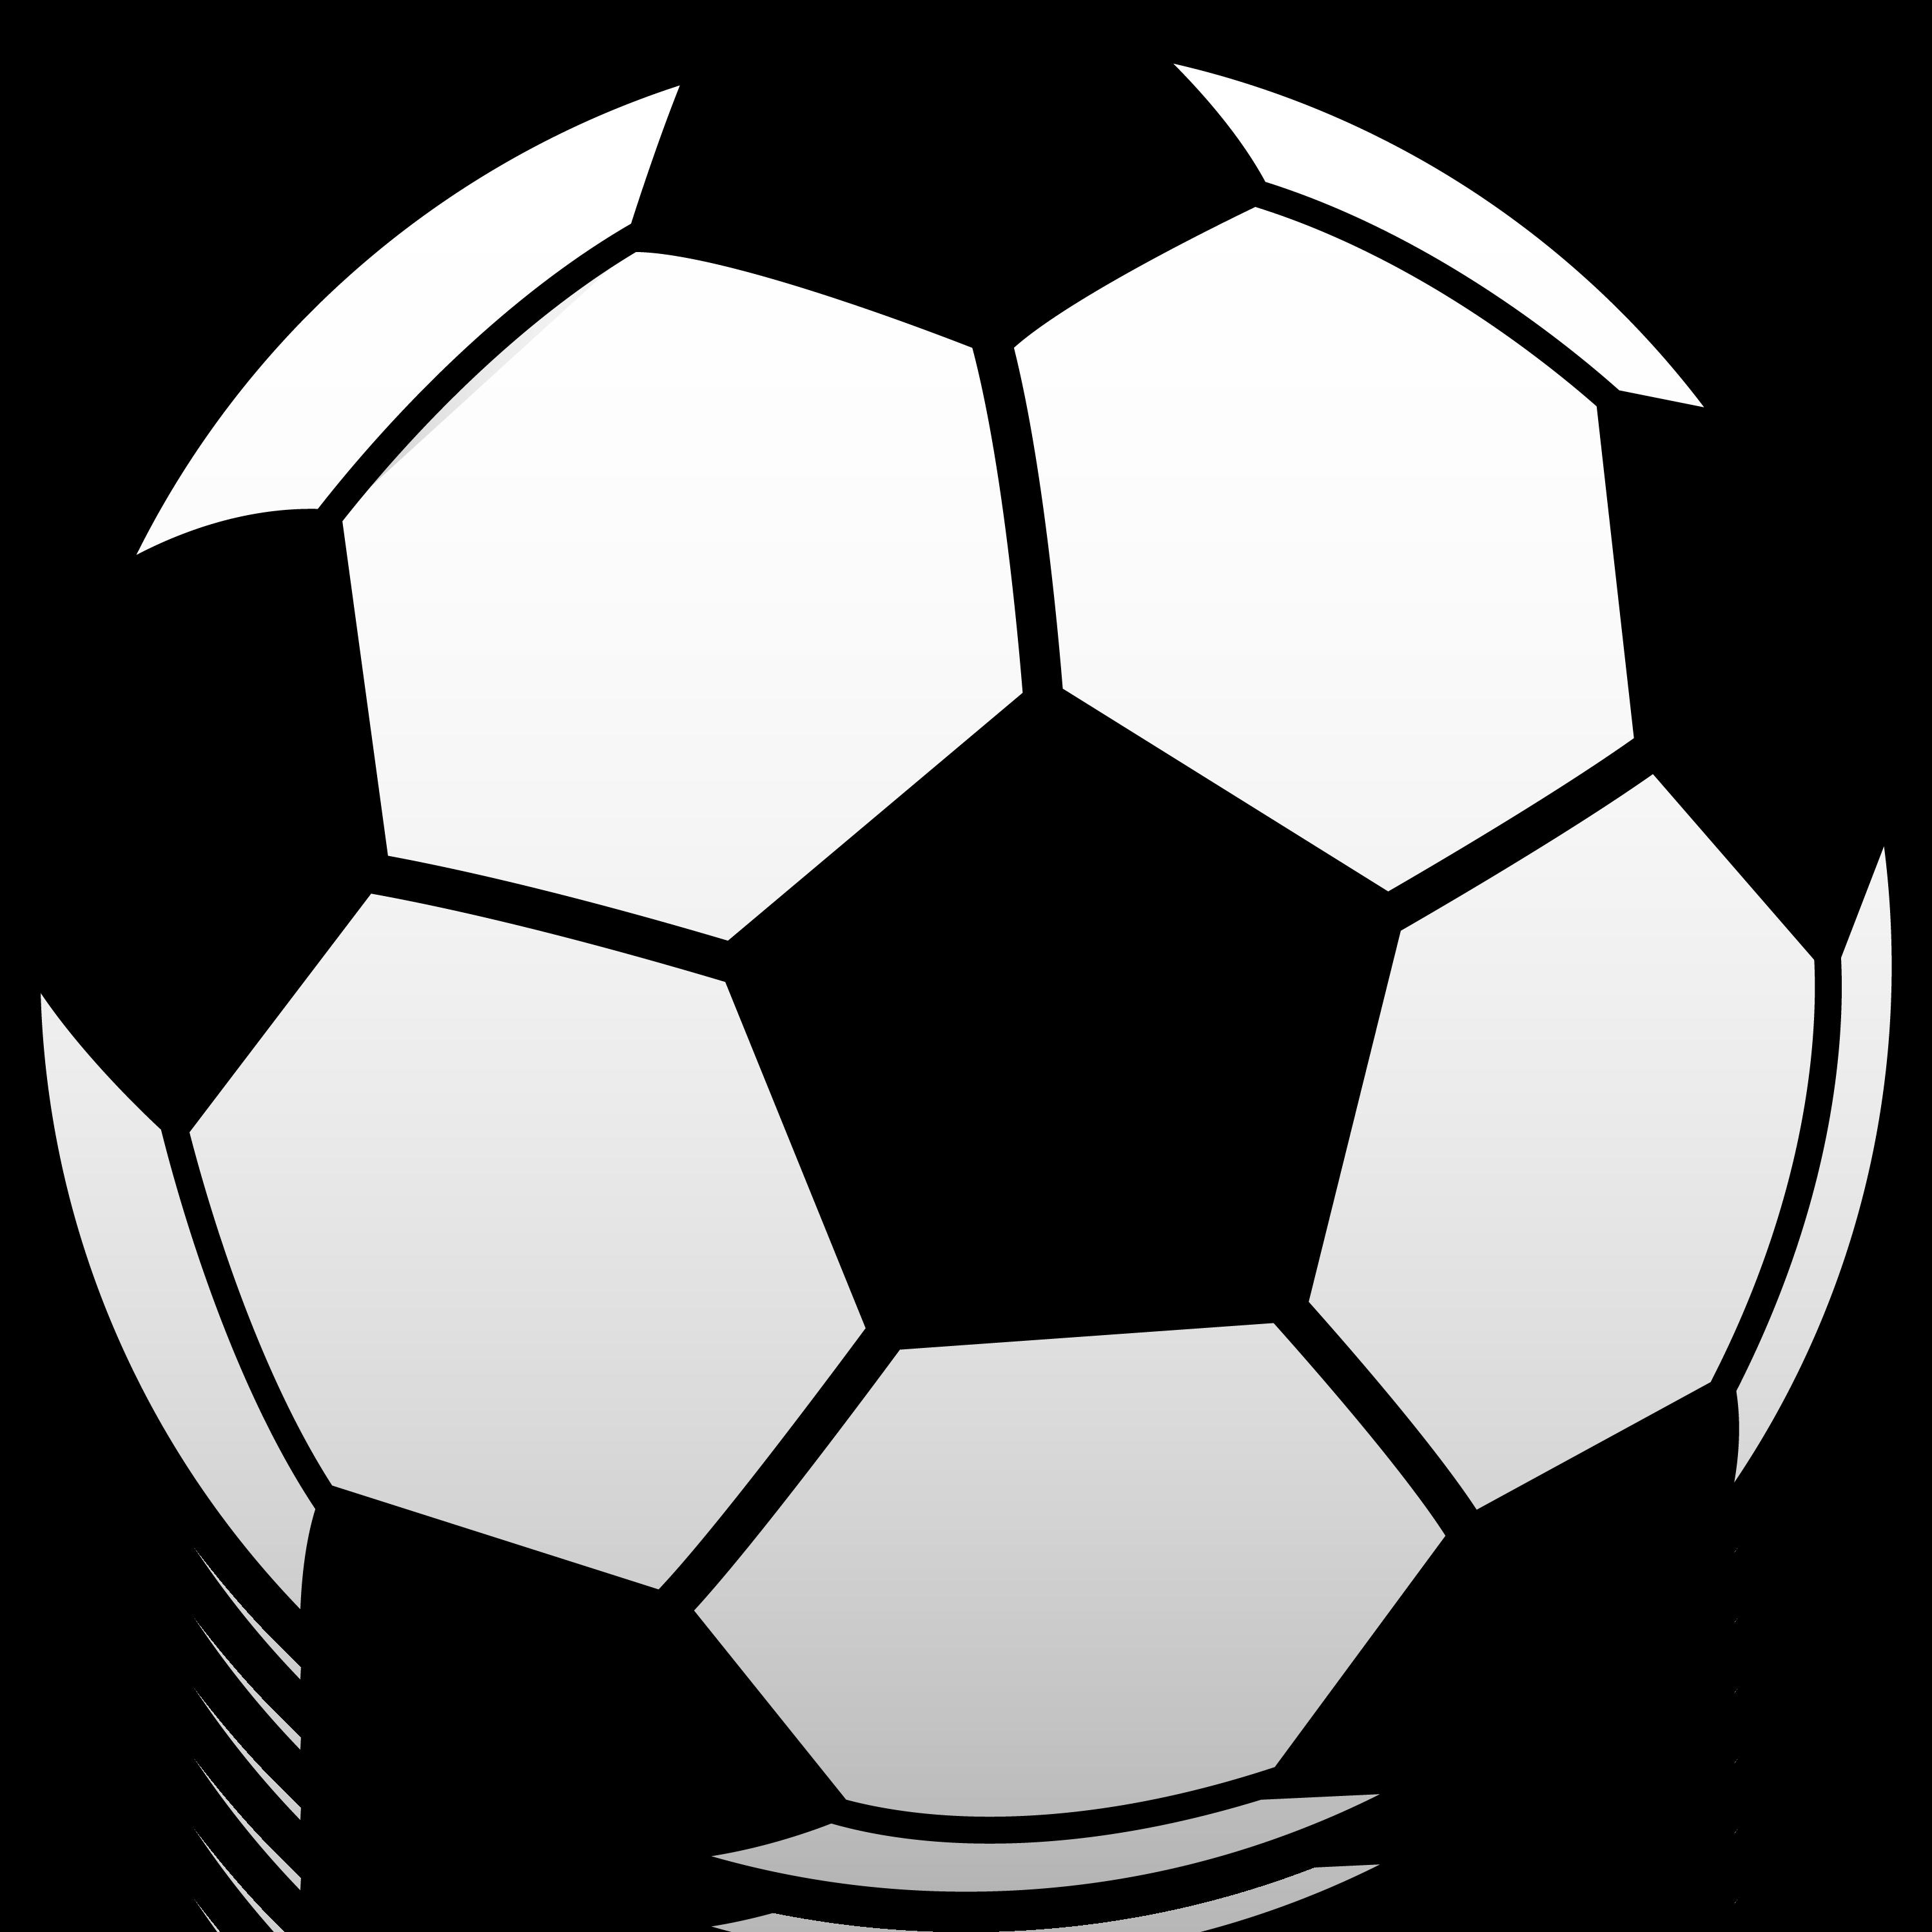 2997x2997 Soccer Ball Clipart